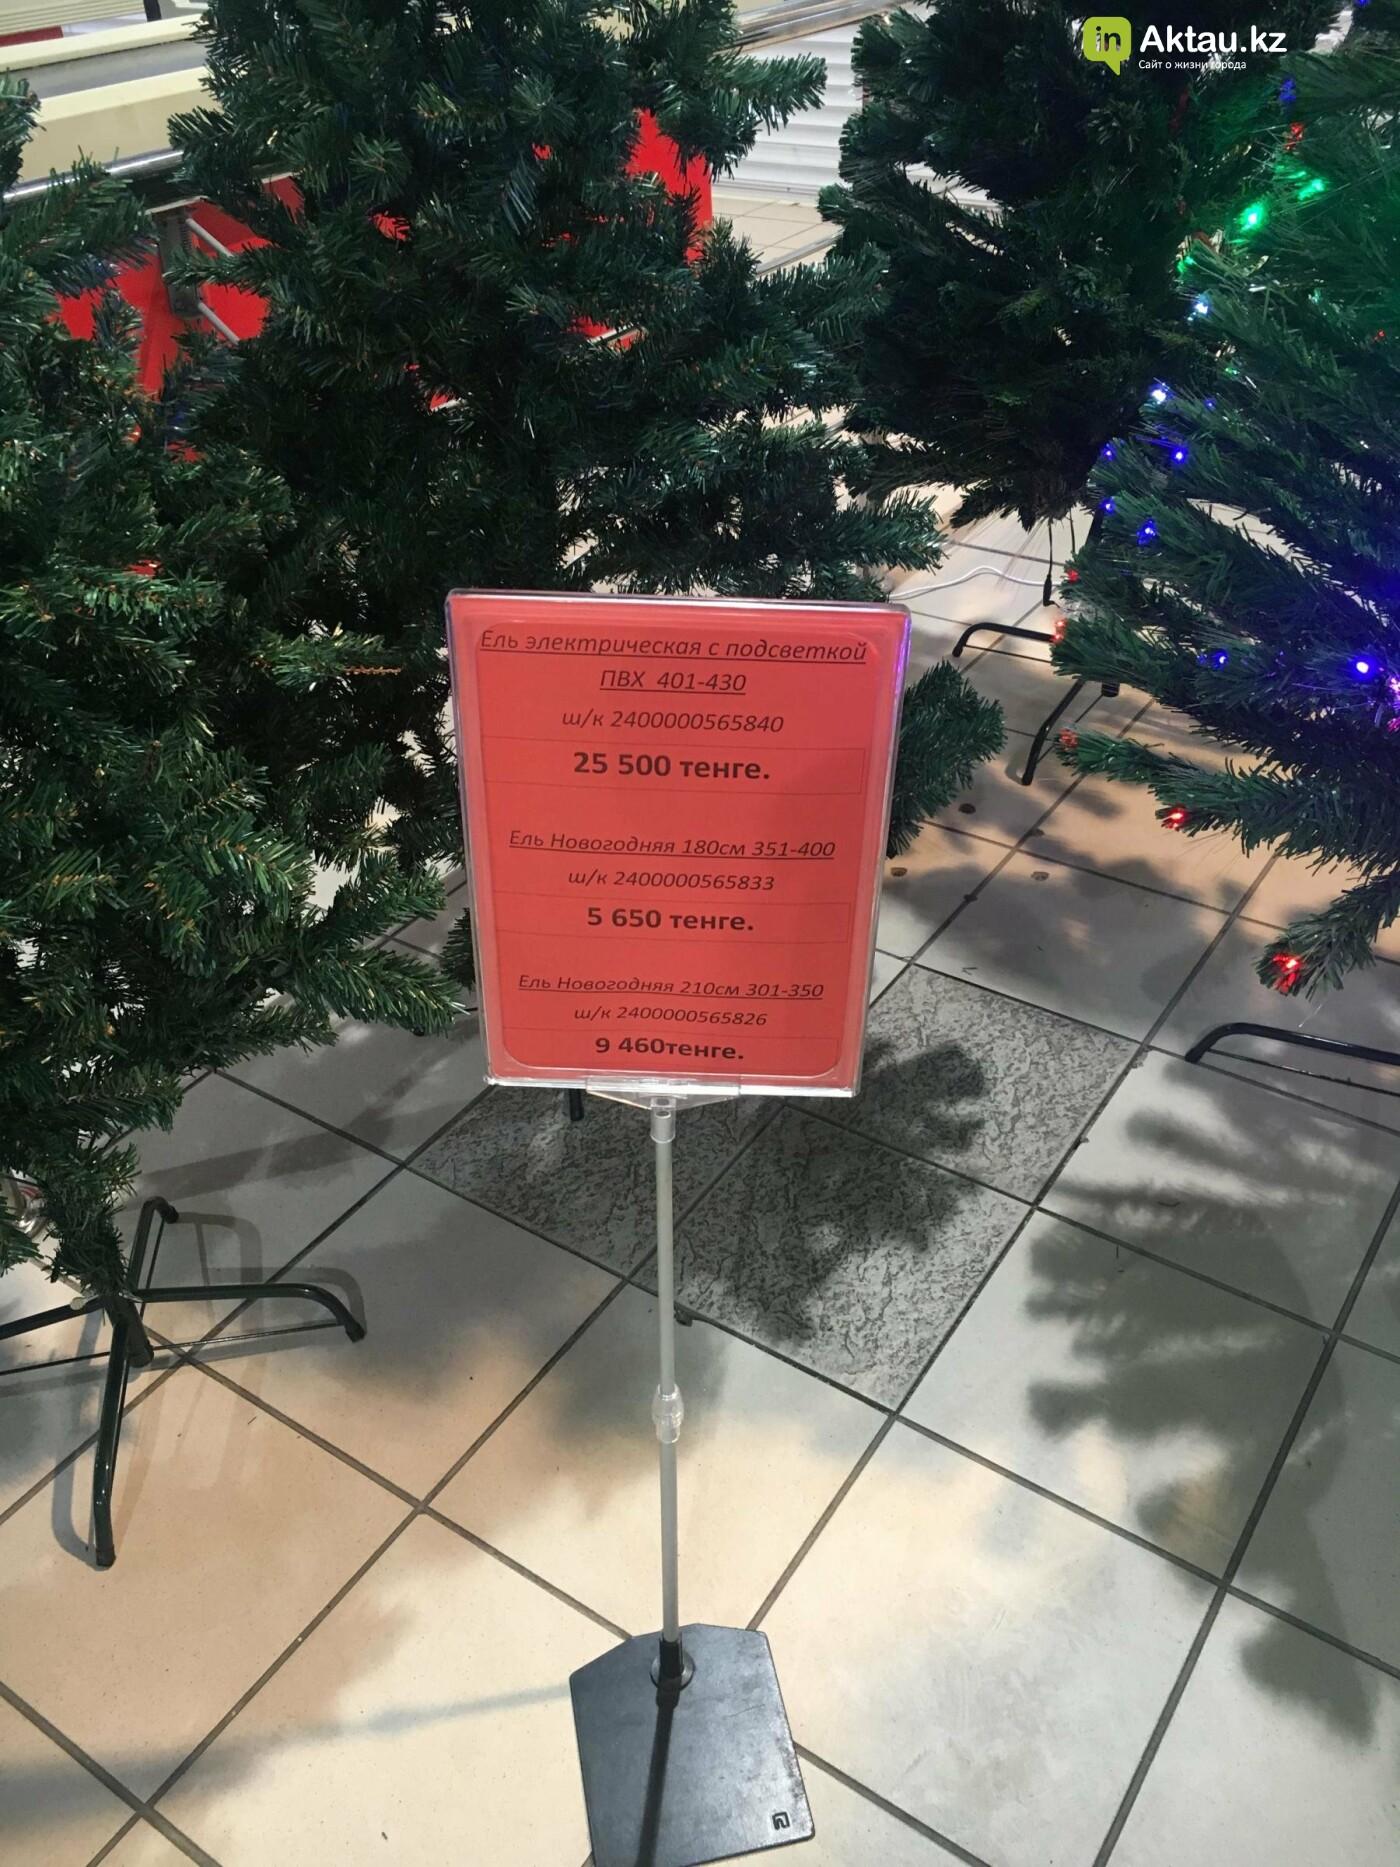 Гид по елкам: Где в Актау купить красивую и недорогую искусственную ель расскажет ИнАктау, фото-20